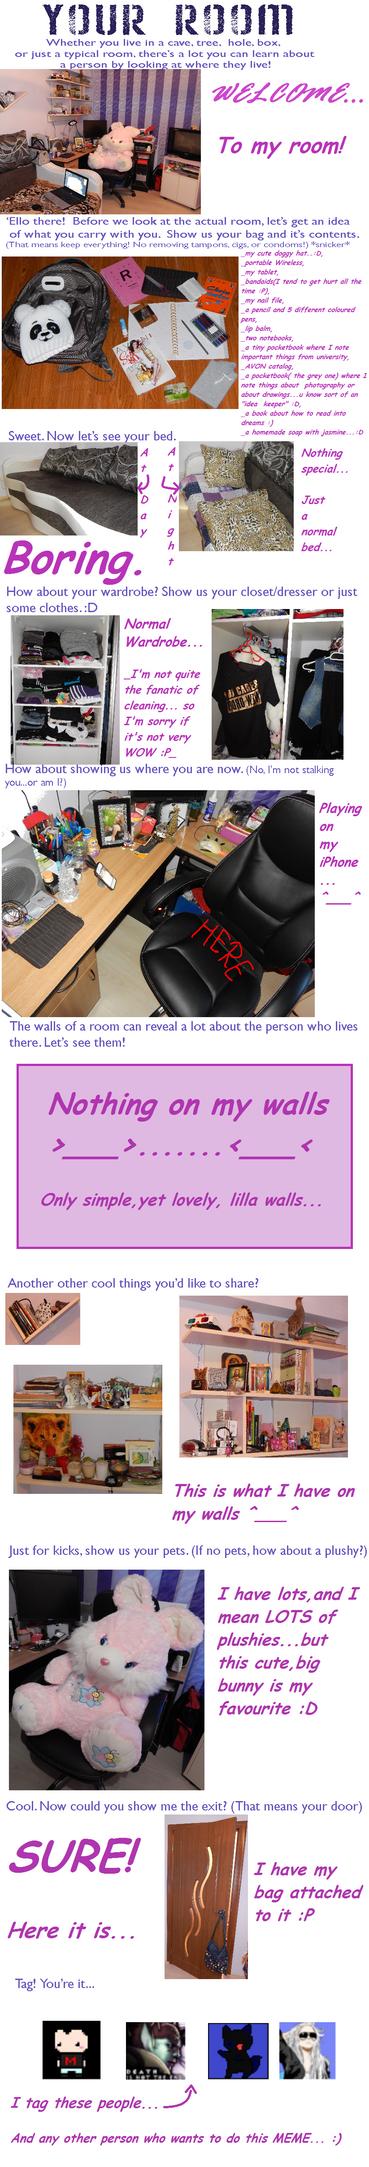 my room...meme by rocz91